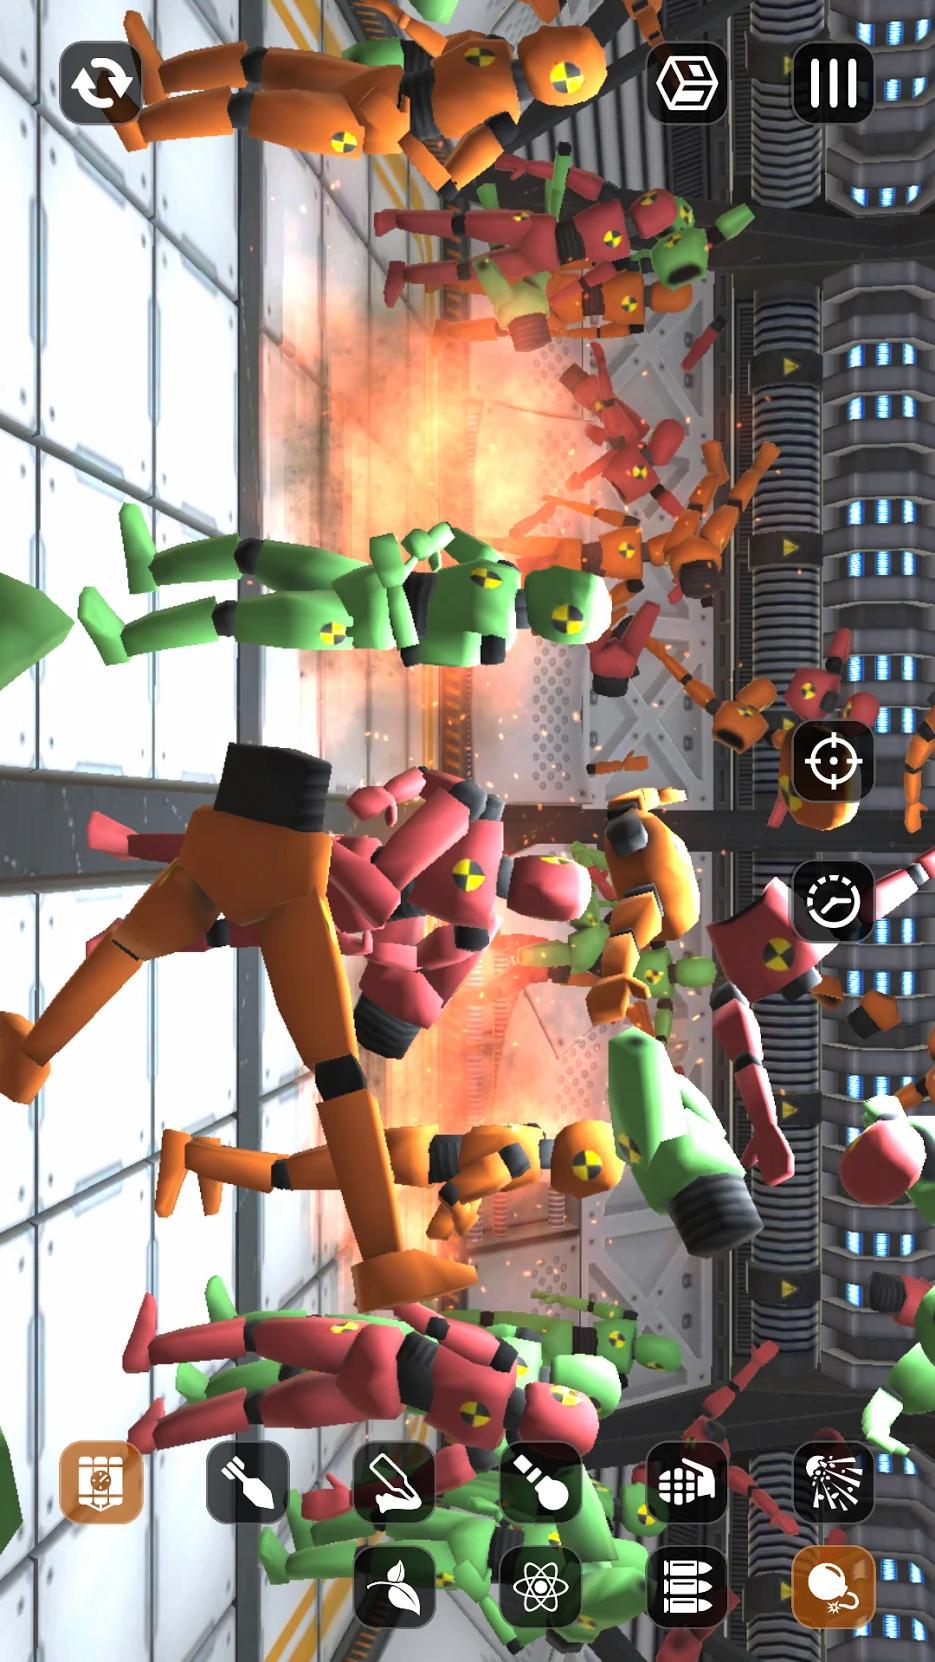 房间毁灭模拟器游戏截图